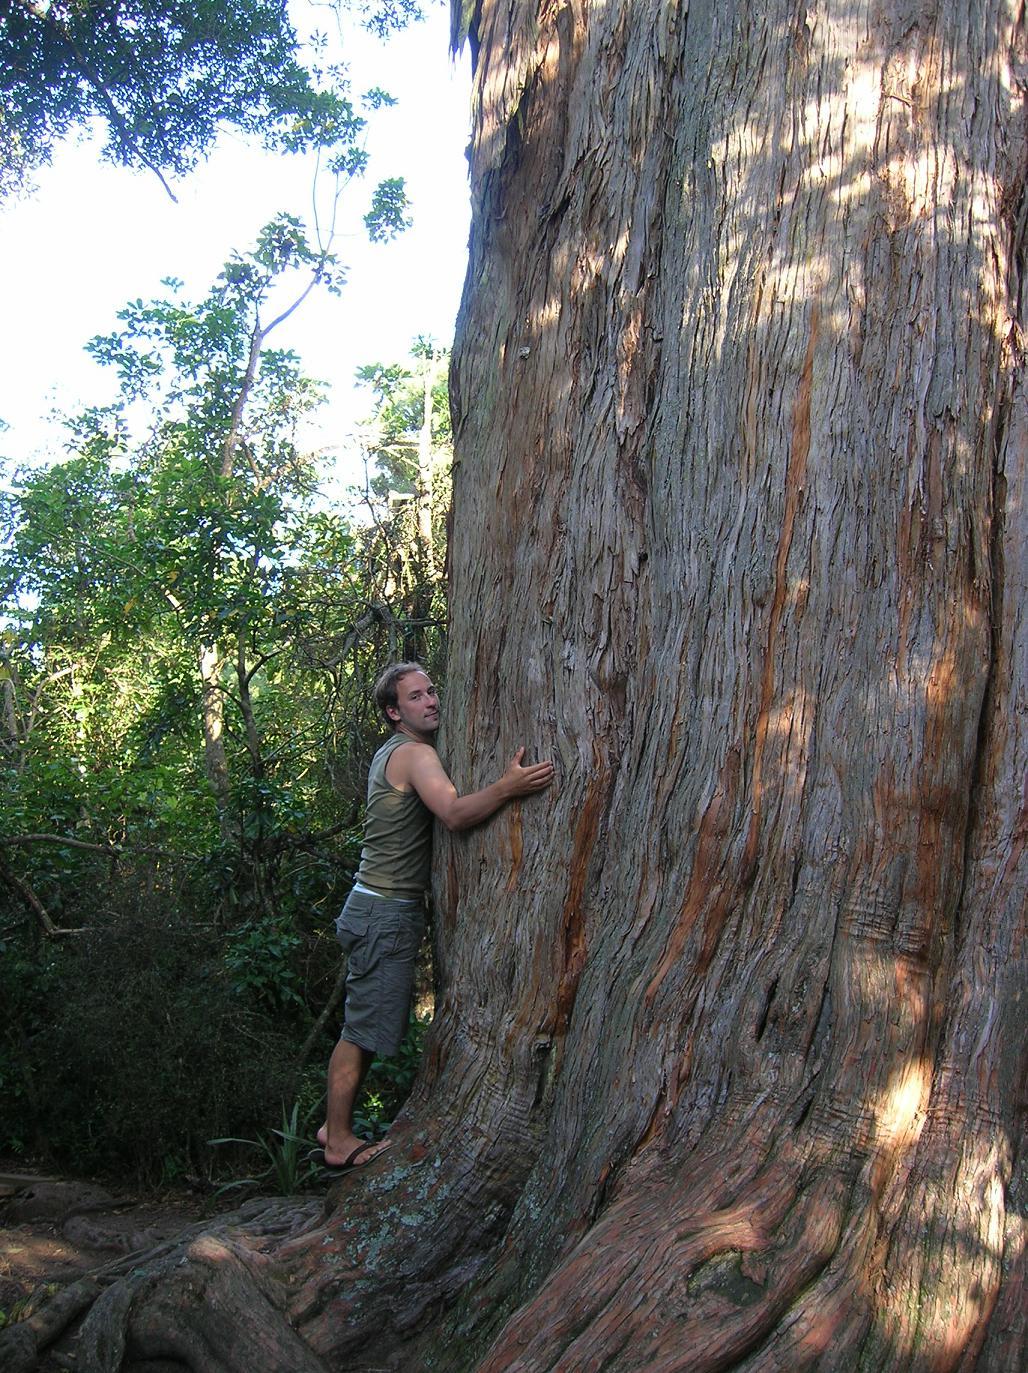 Baum mit Babs verwechselt. Auch das kann passieren …